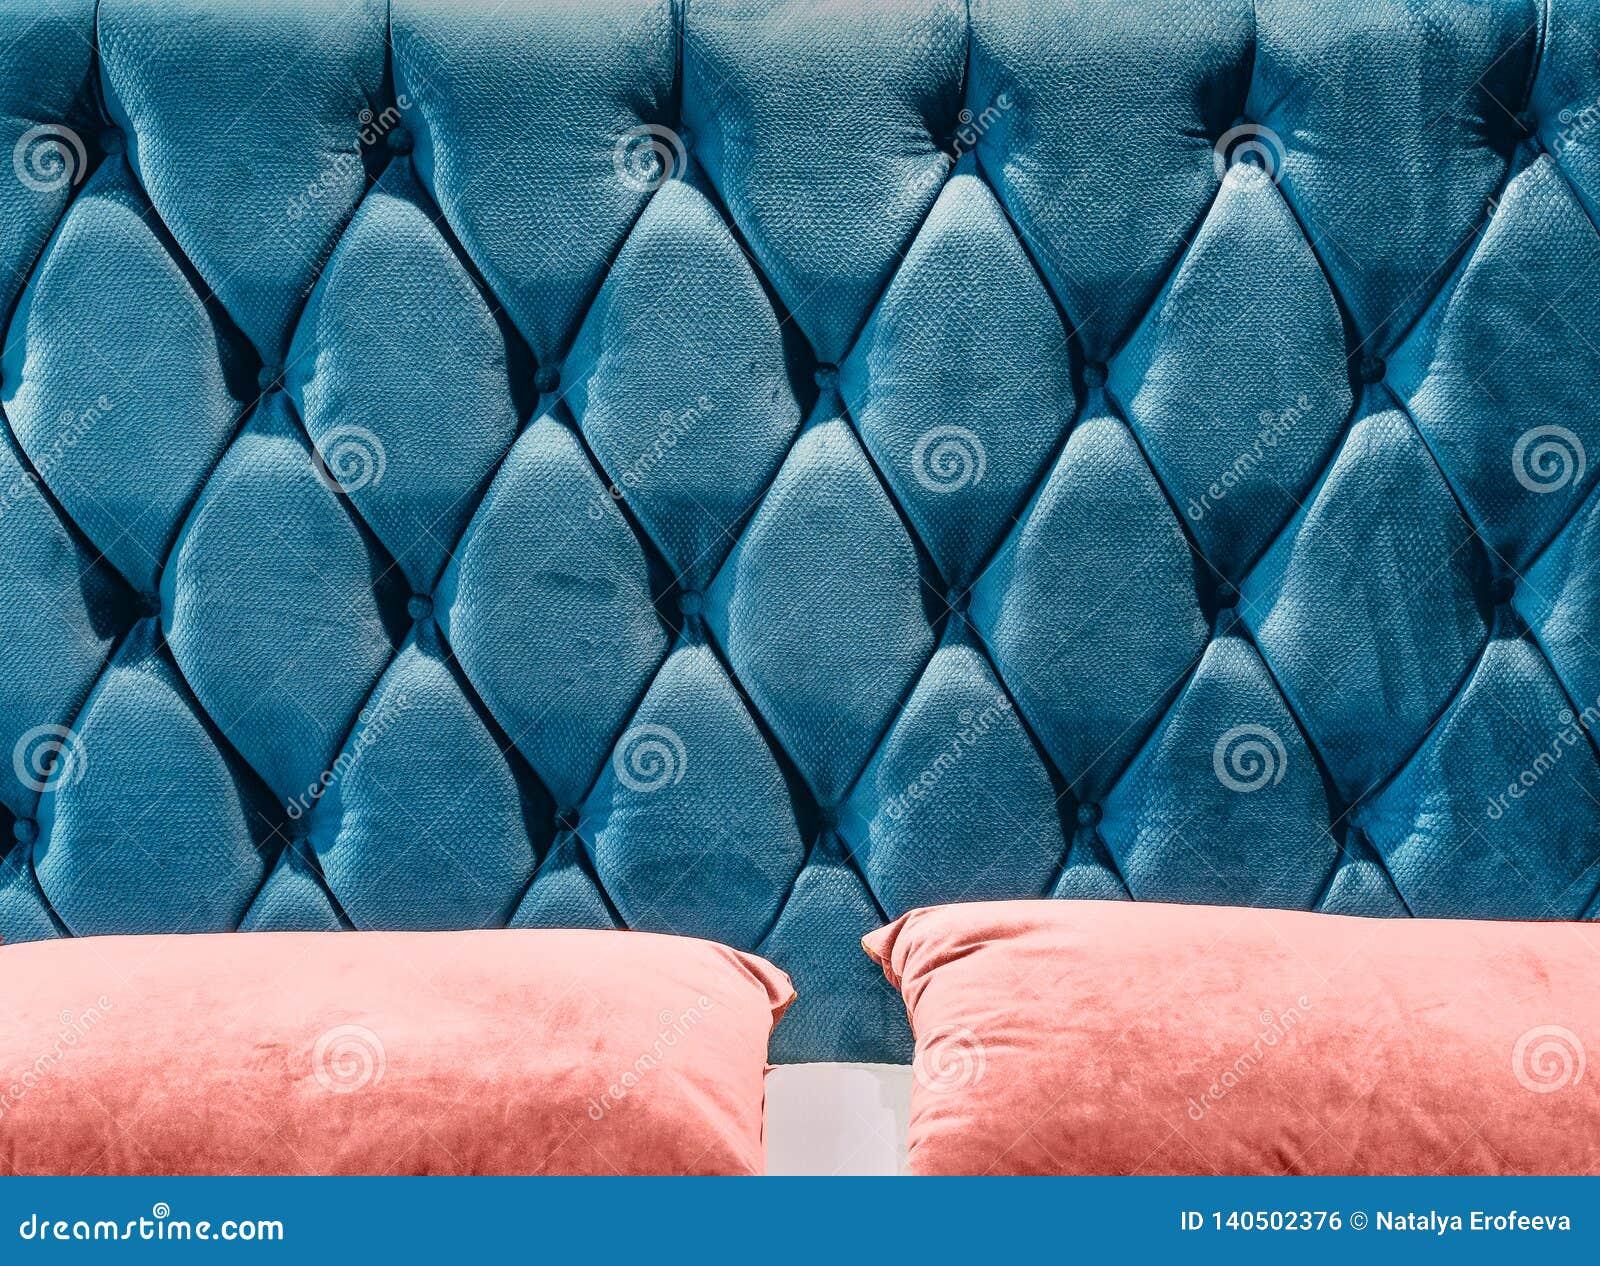 Soffa-typ velourscreed på huvudgaveln som dras åt med knappar Blå för stoppningbakgrund för chesterfieldsoffa stil vadderat slut